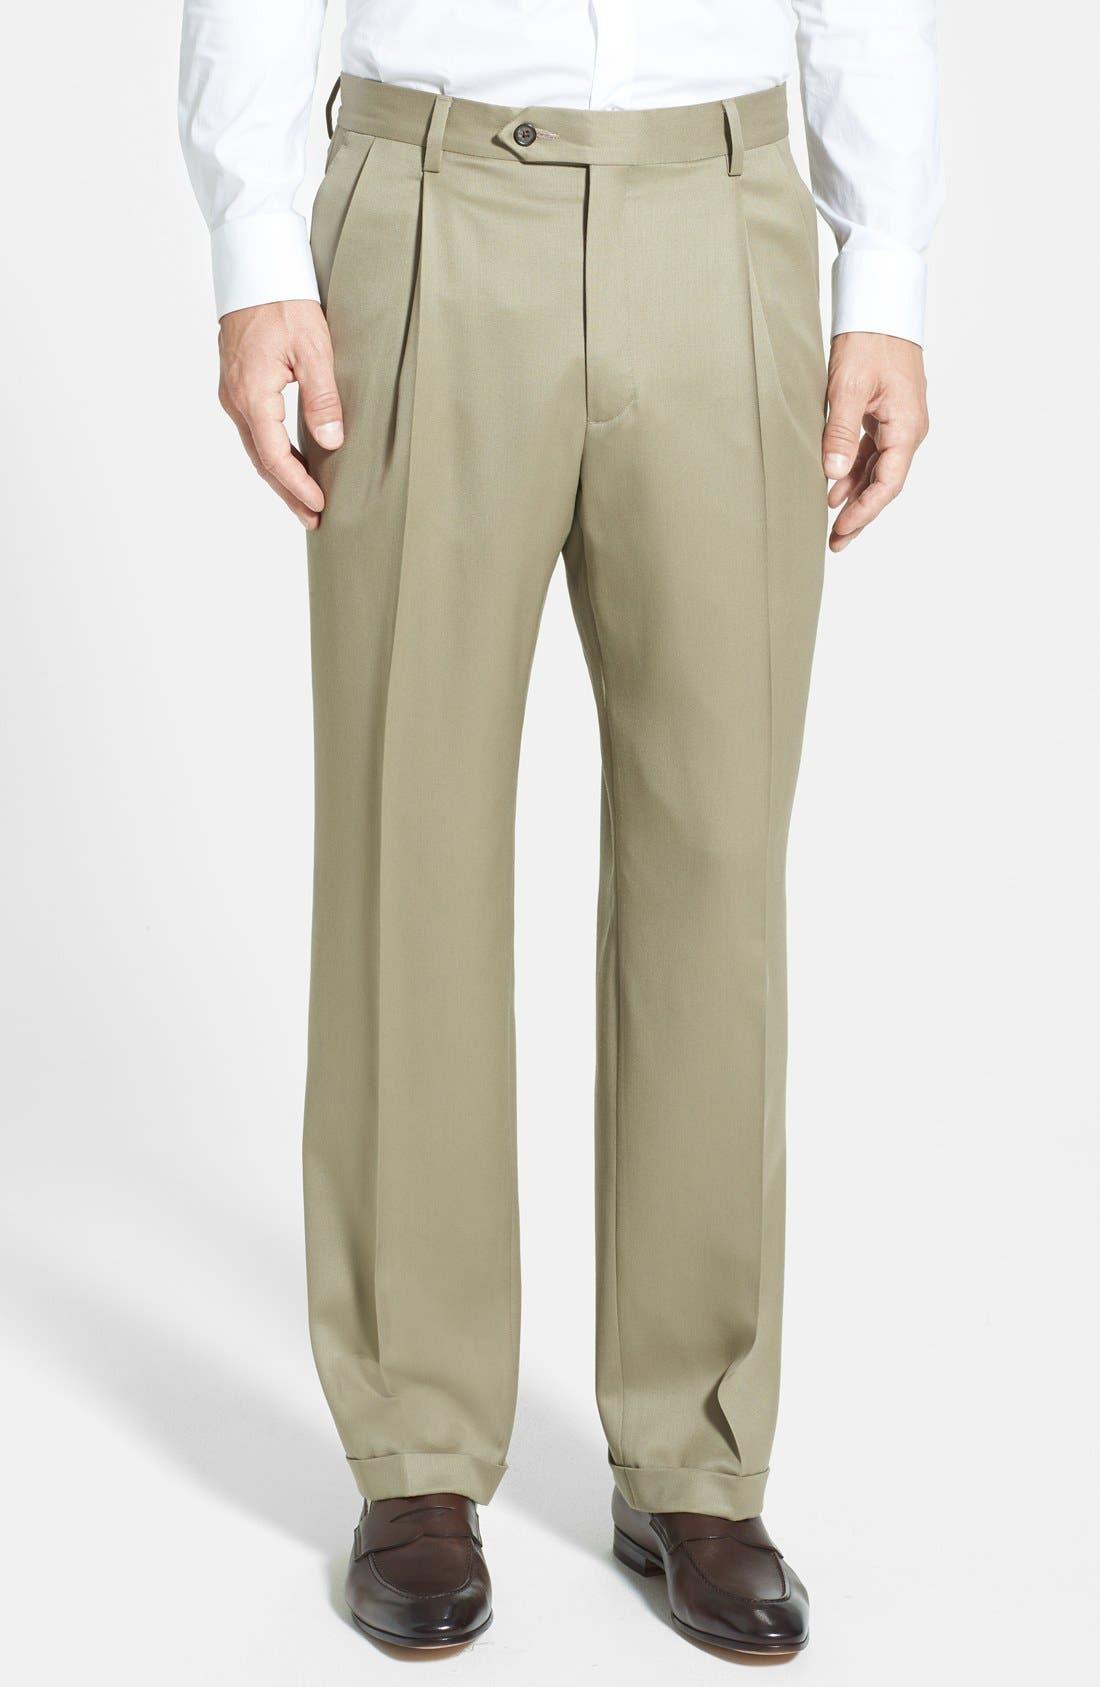 Mens Pleated Khaki Pants R2uRlDWs